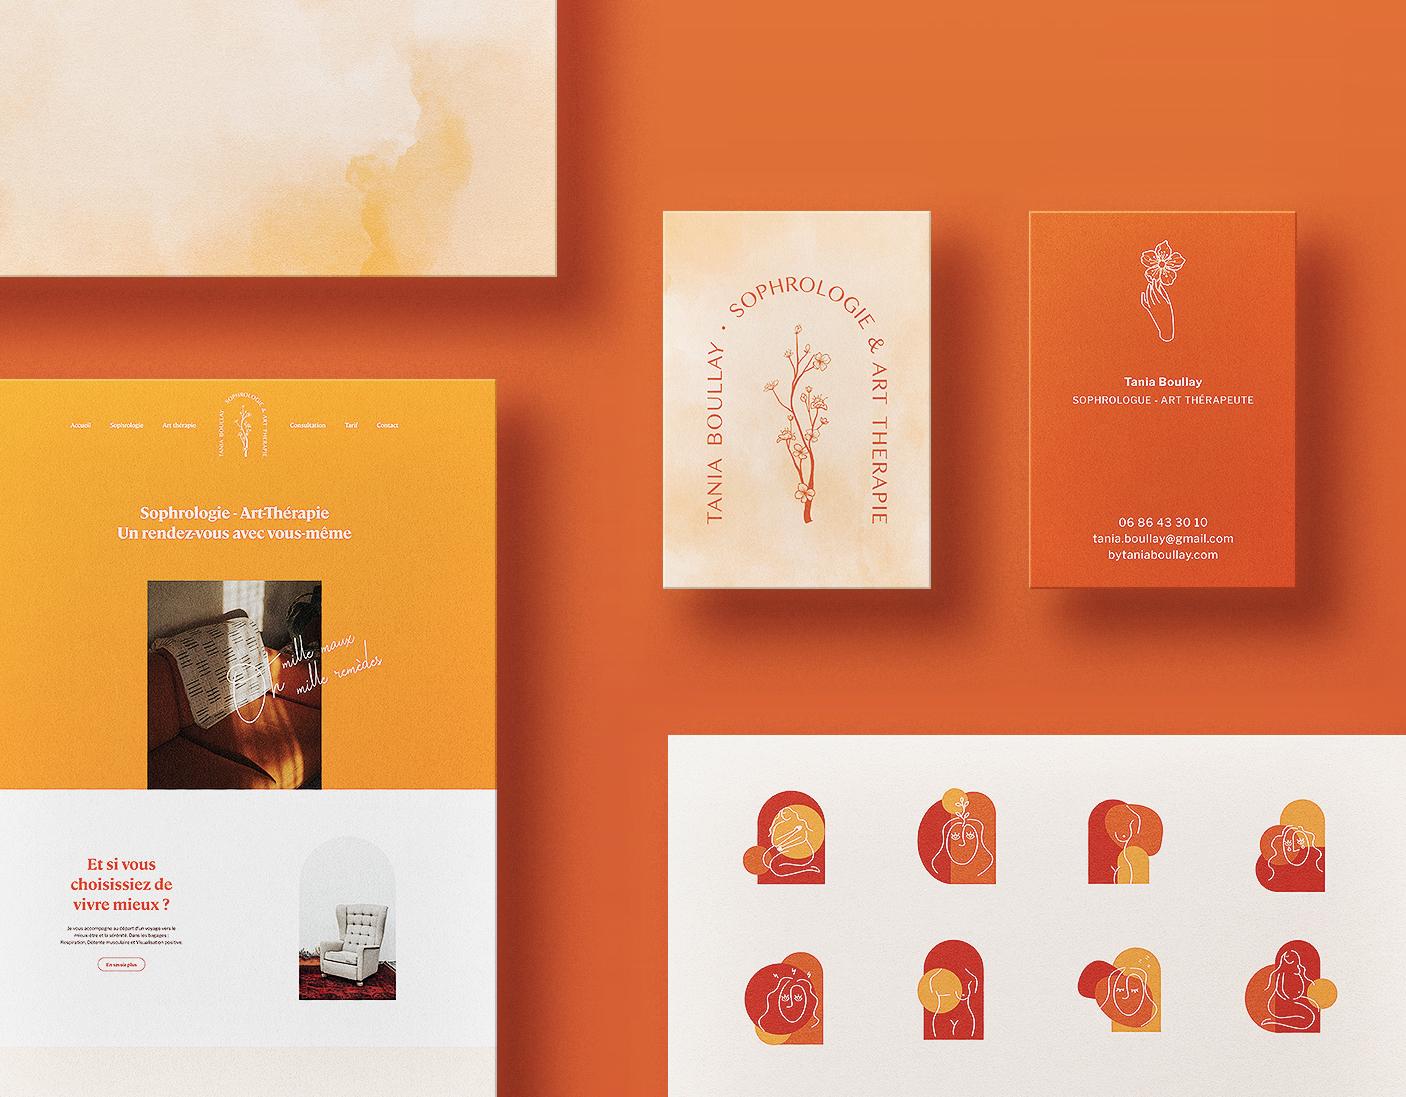 Présentation de l'identité visuelle de la sophrologue et art-thérapeute Tania Boullay